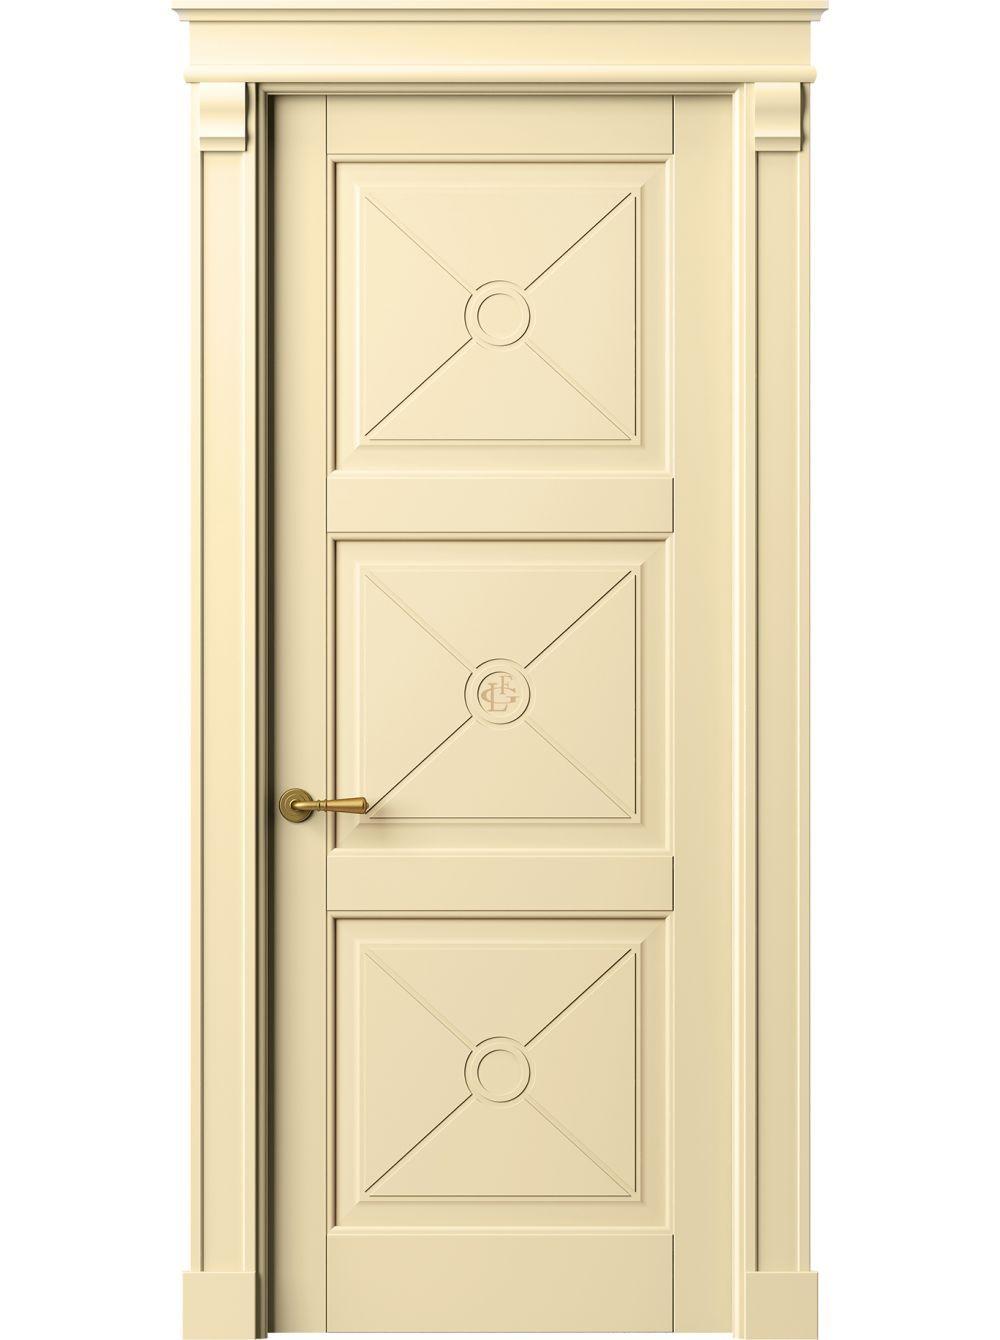 Interior Door tuscan interior doors pictures : Sarto Toscana Litera 6369 Interior Door Beech Ivory | Products ...